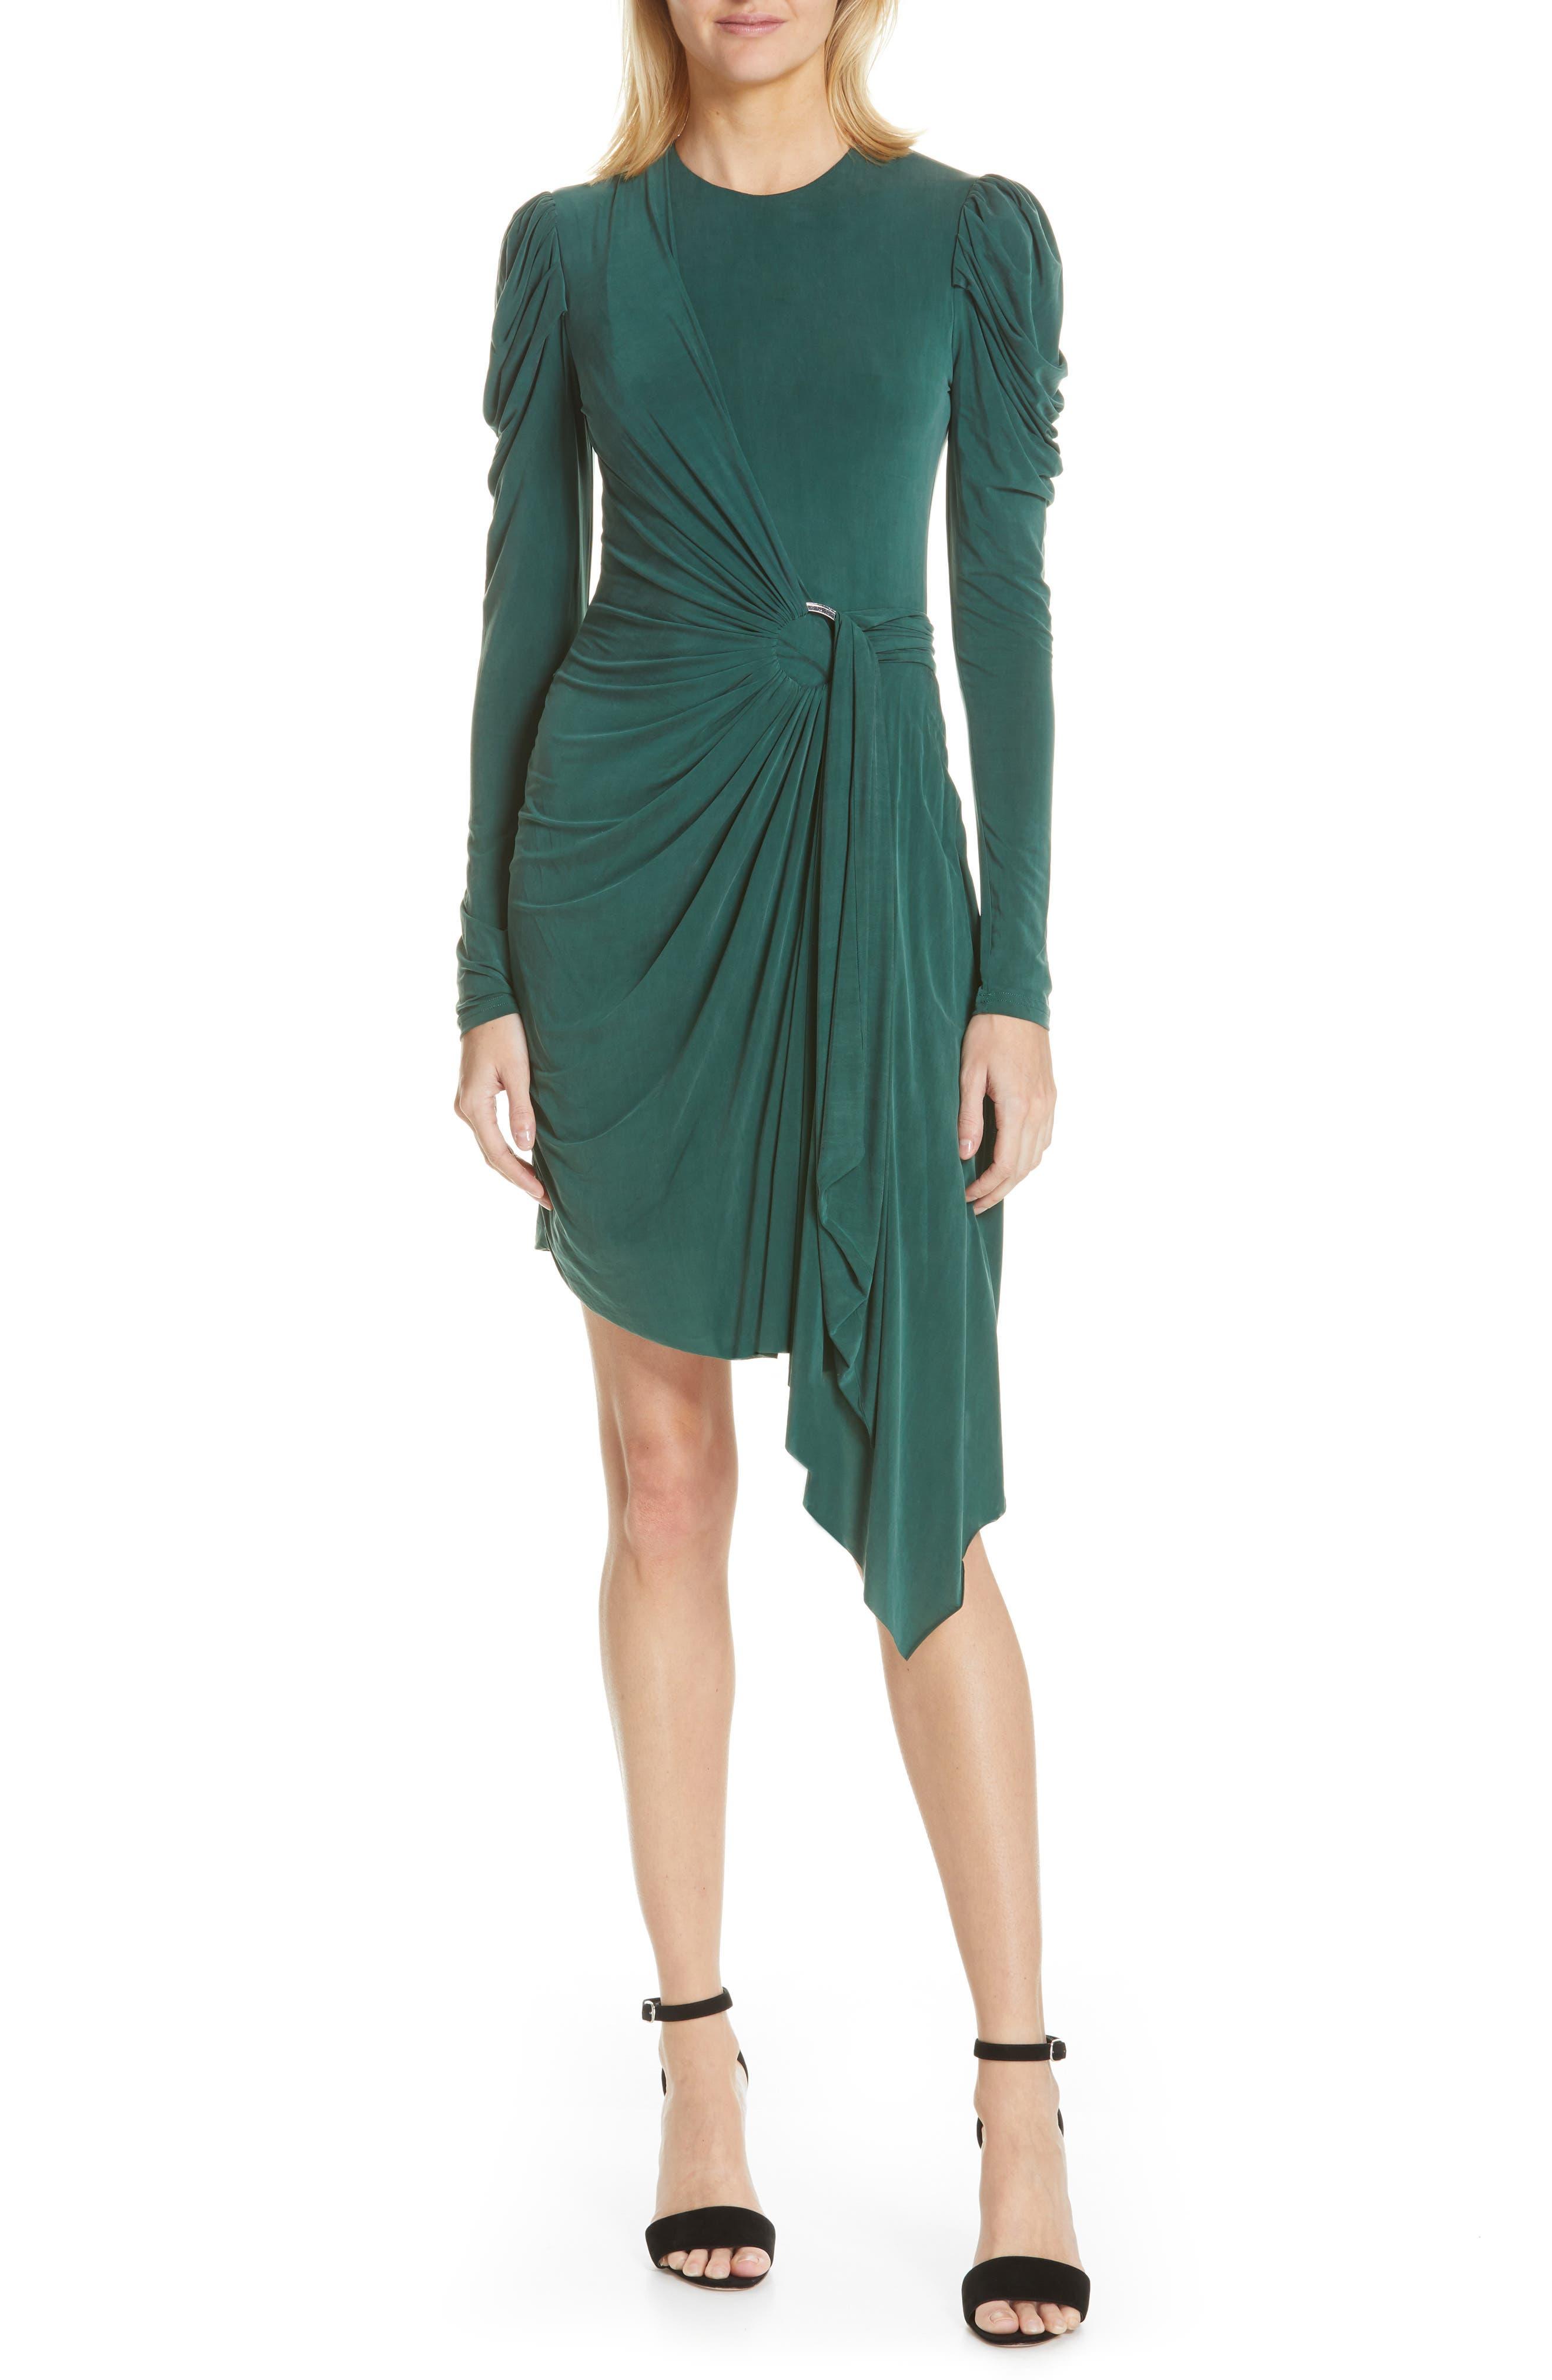 Jonathan Simkhai Asymmetrical Sueded Jersey Faux Wrap Dress, Green